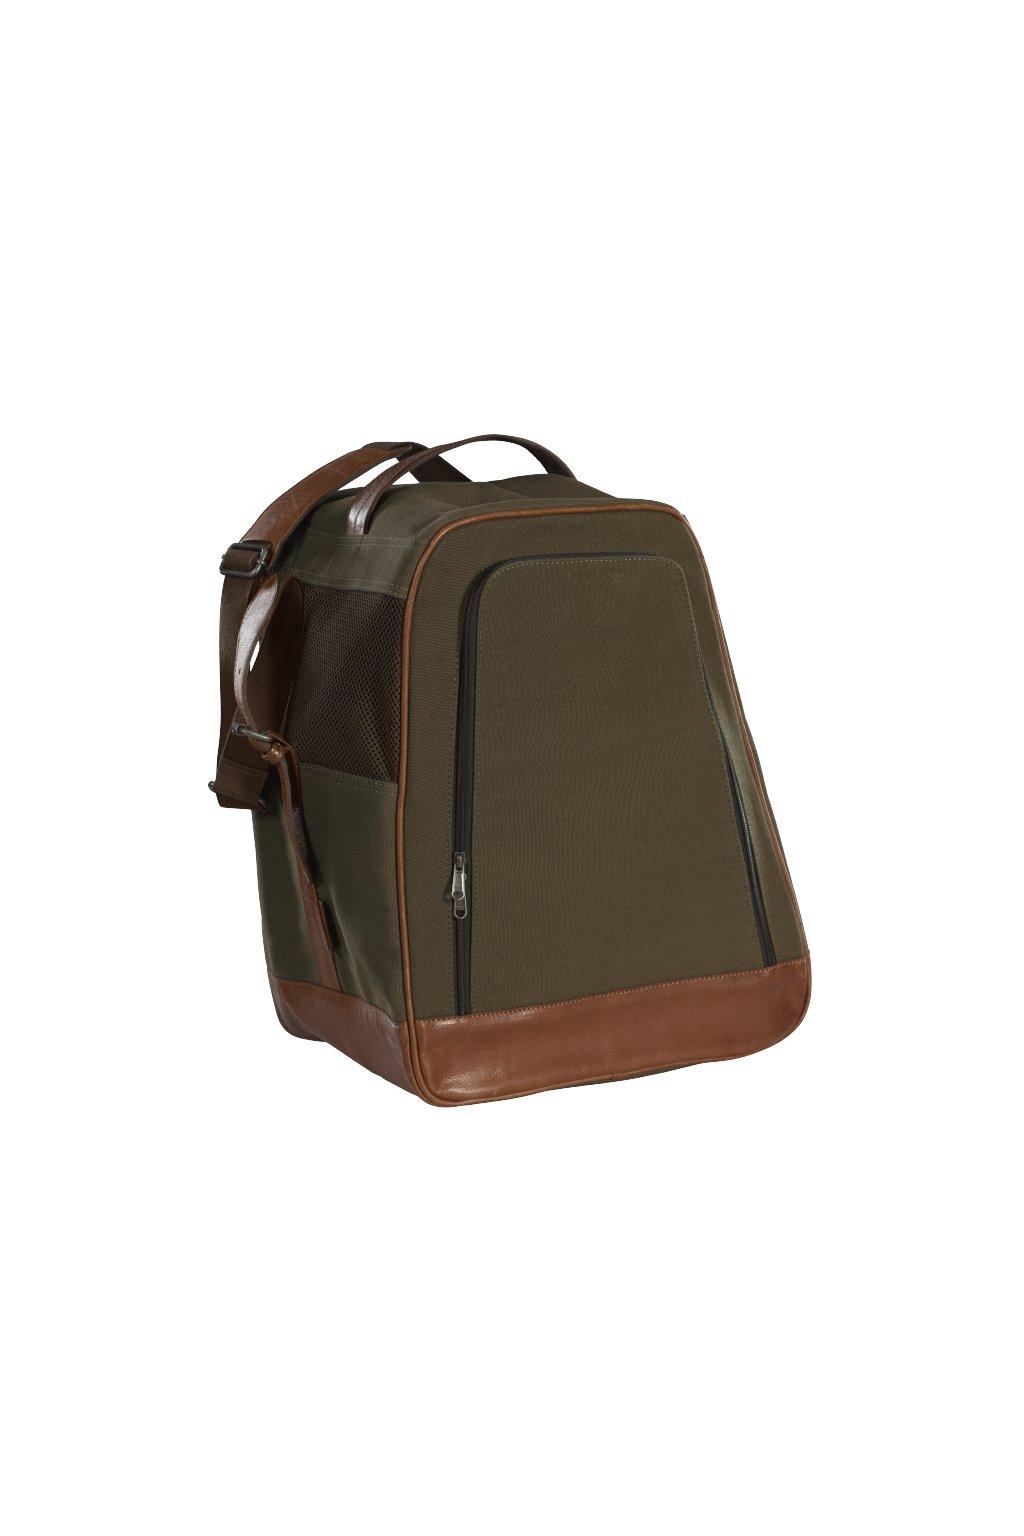 HÄRKILA - Retrieve Boot bag